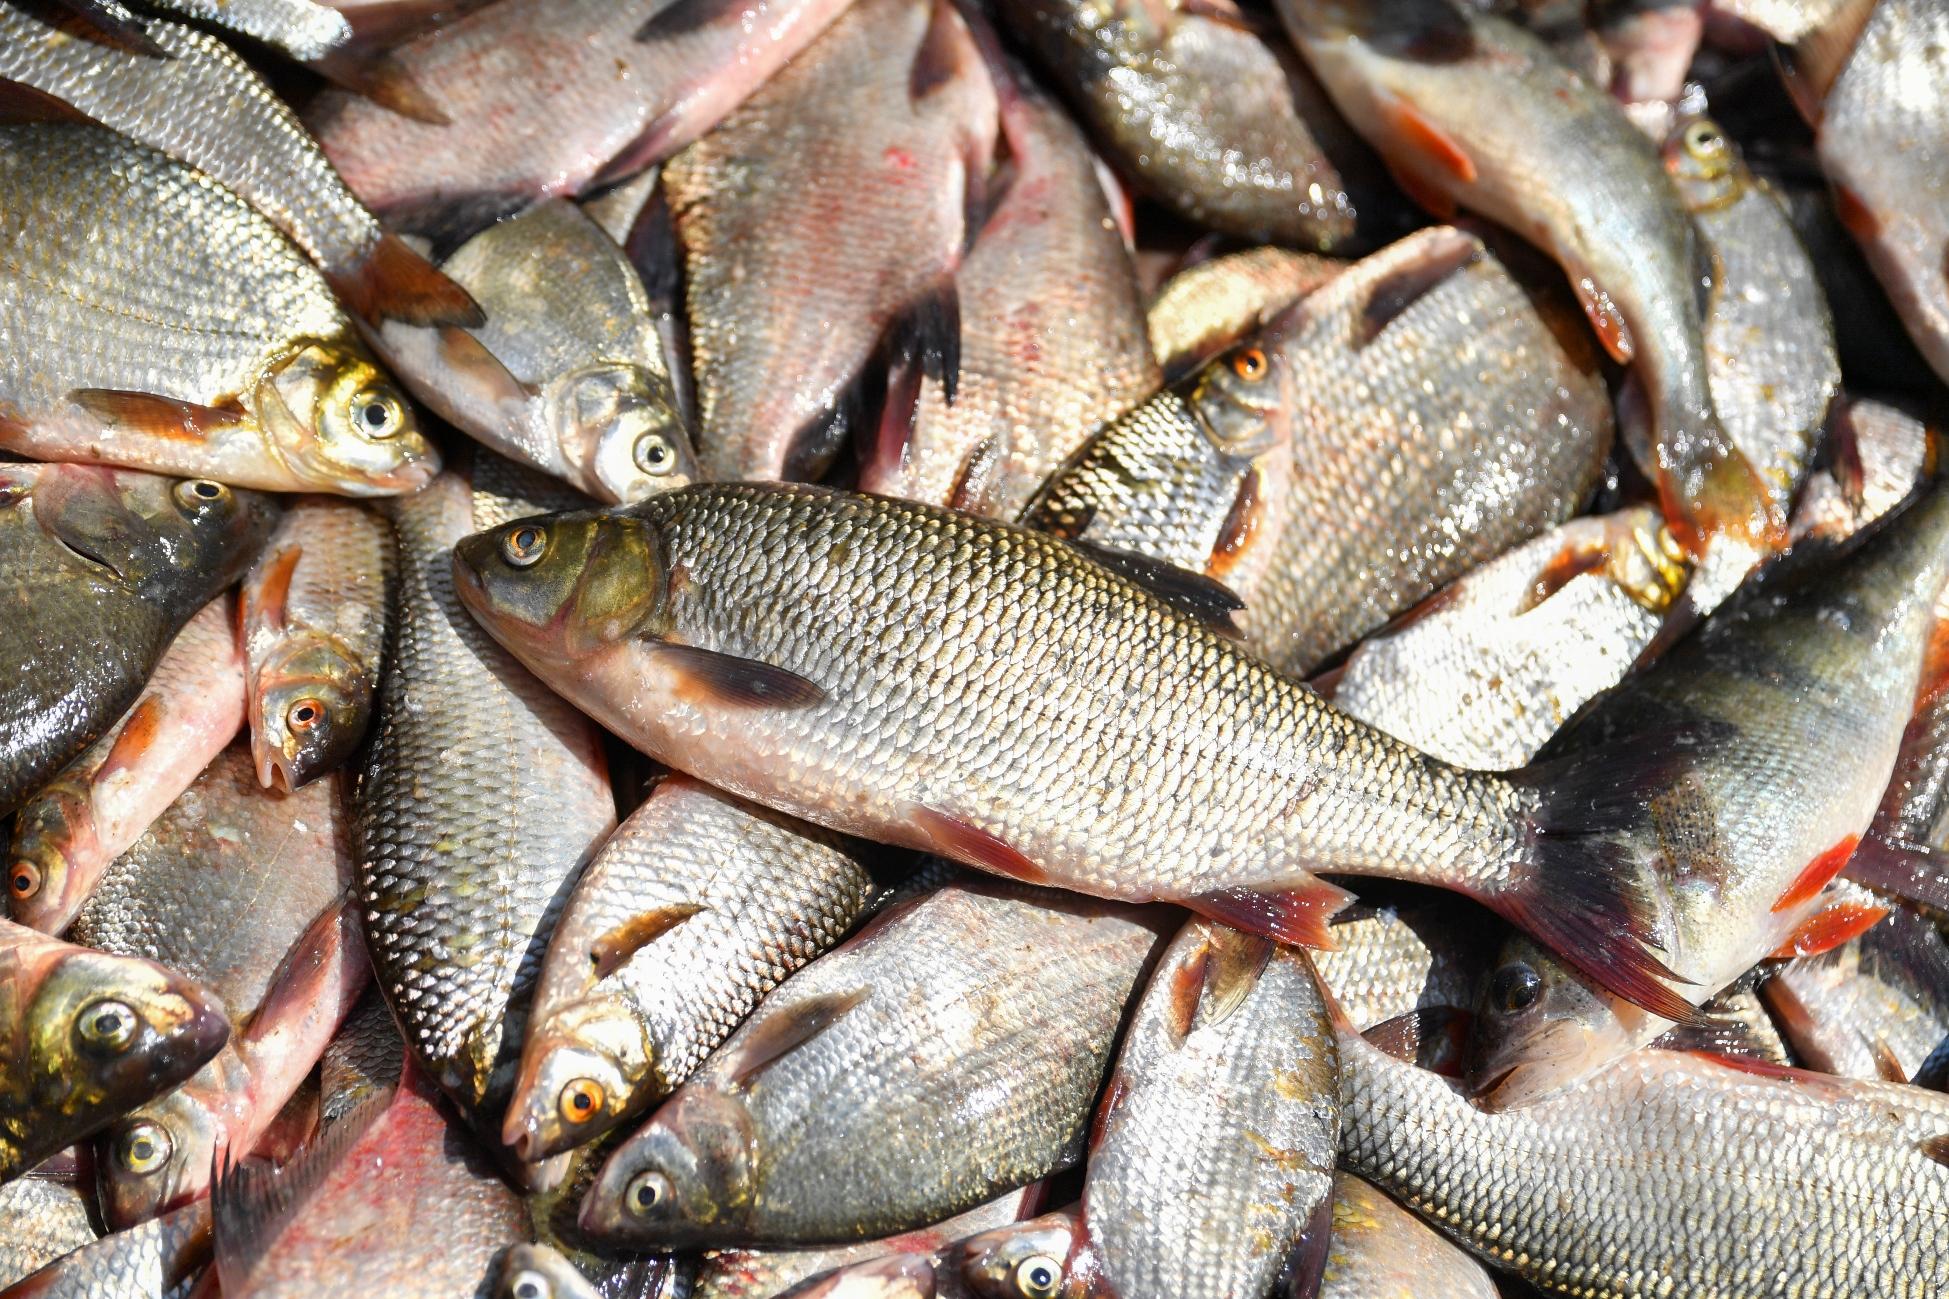 этому картинки где много рыбы этого нужно иметь